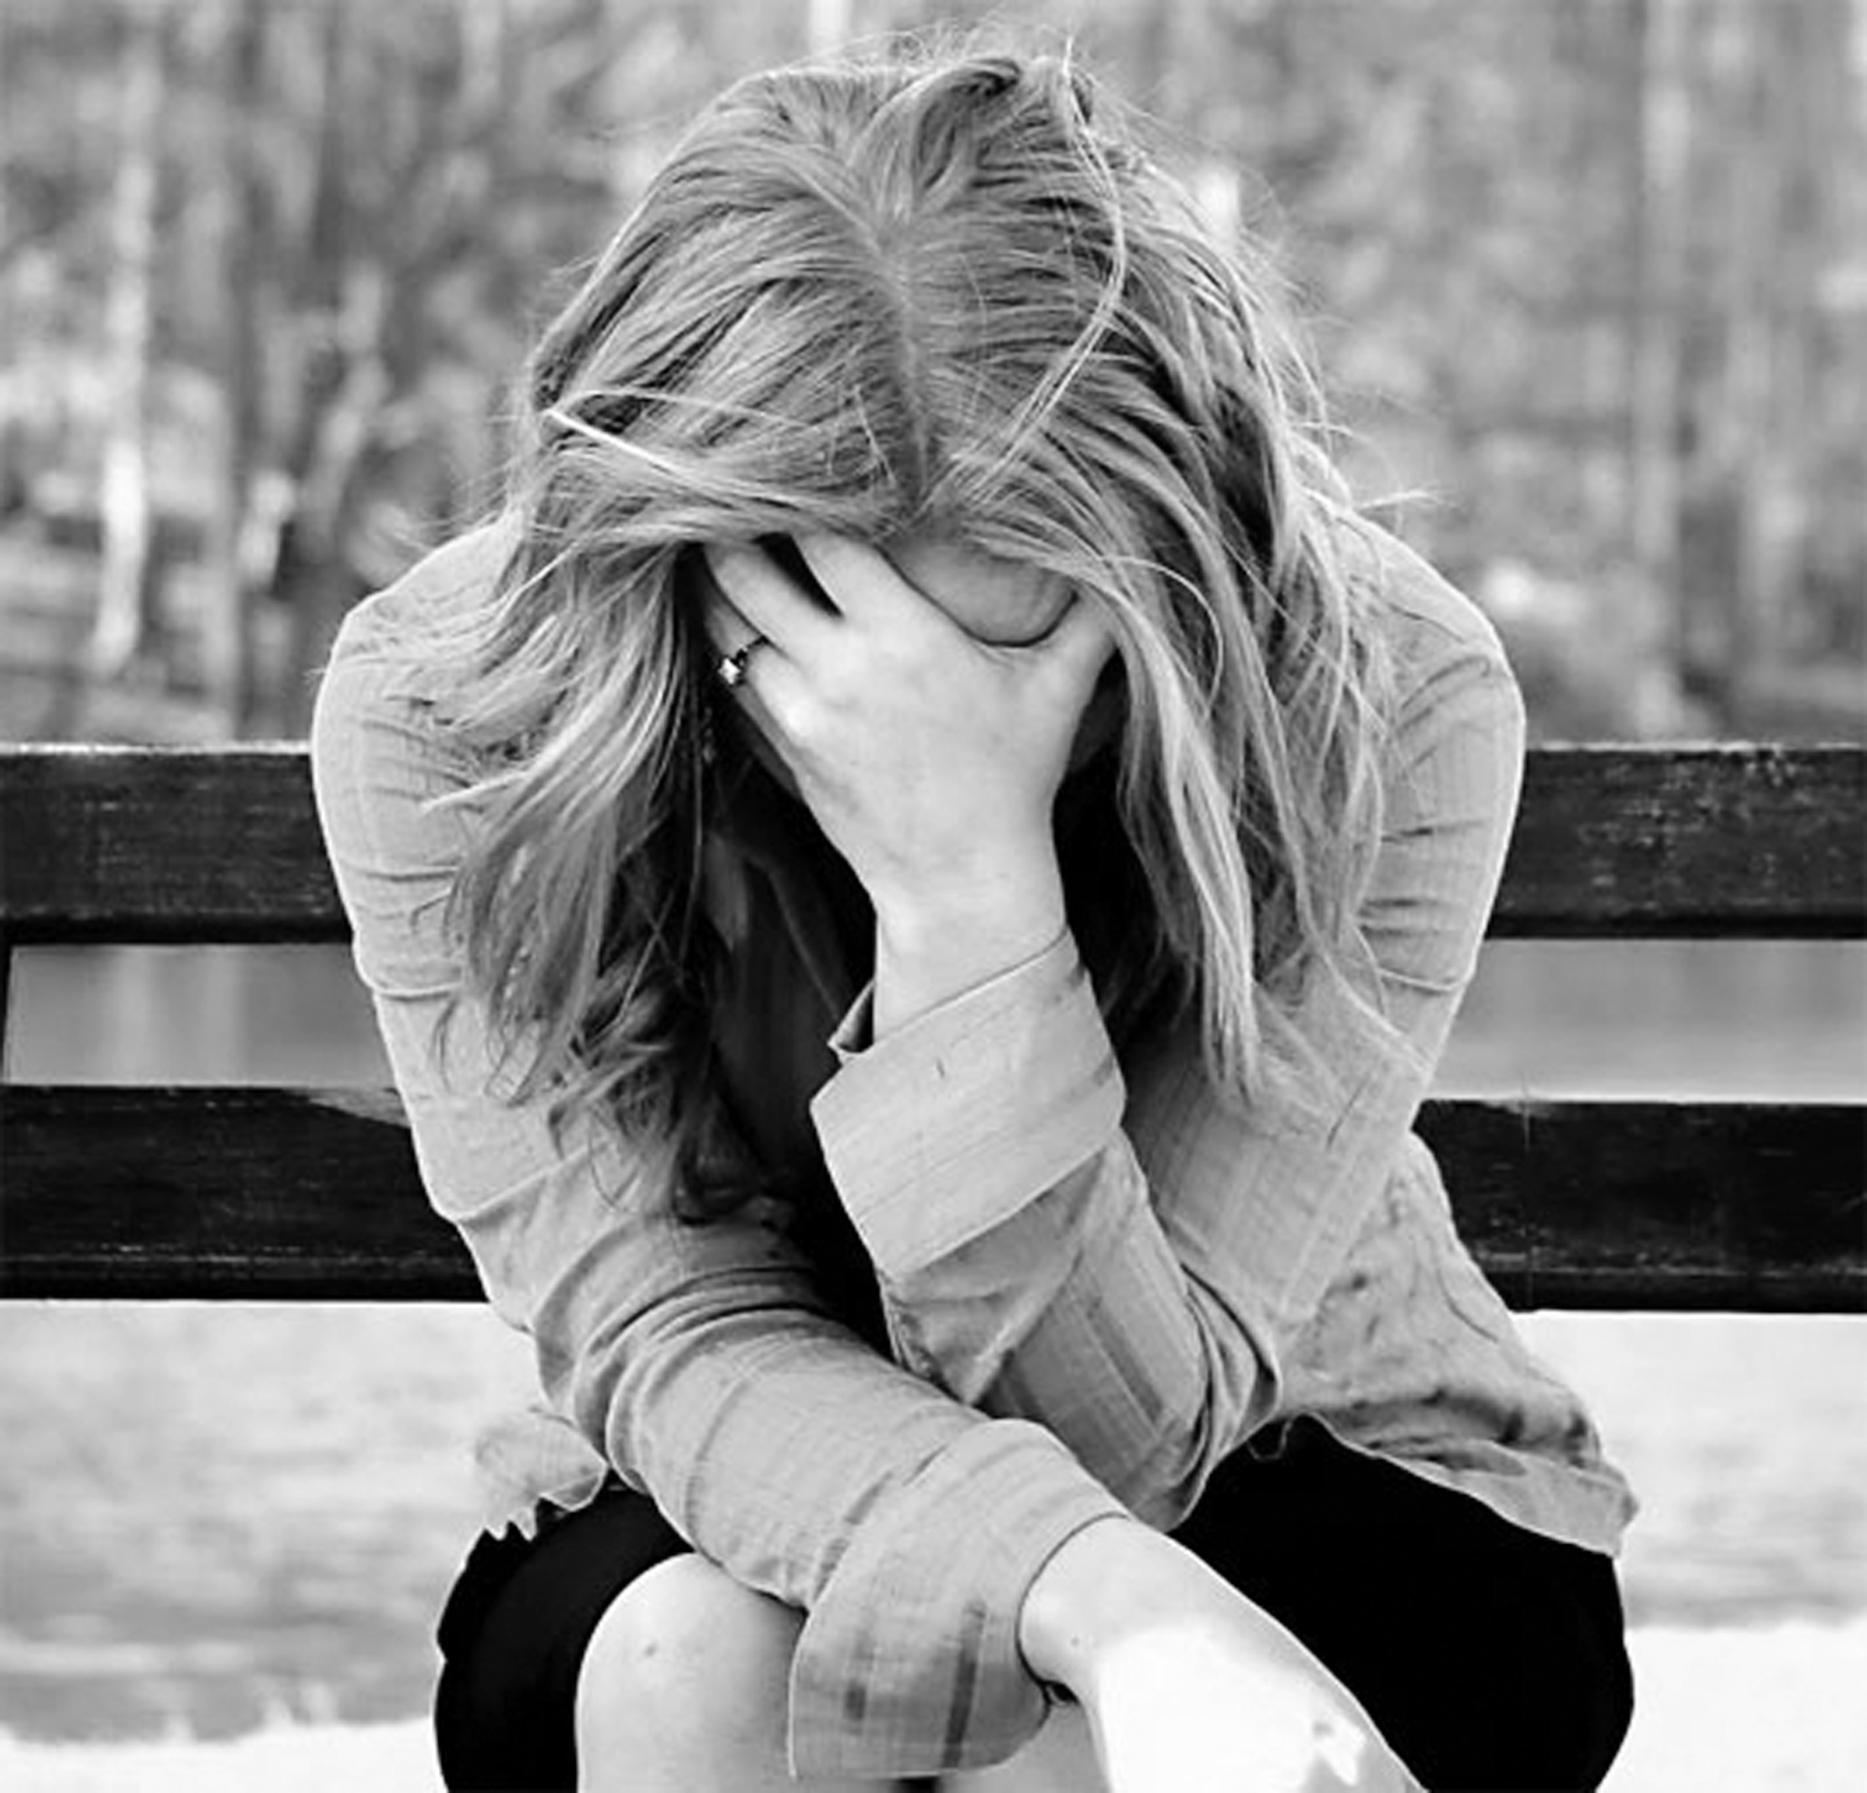 доступны различные картинки про настроение грустное клумбы, поражающие